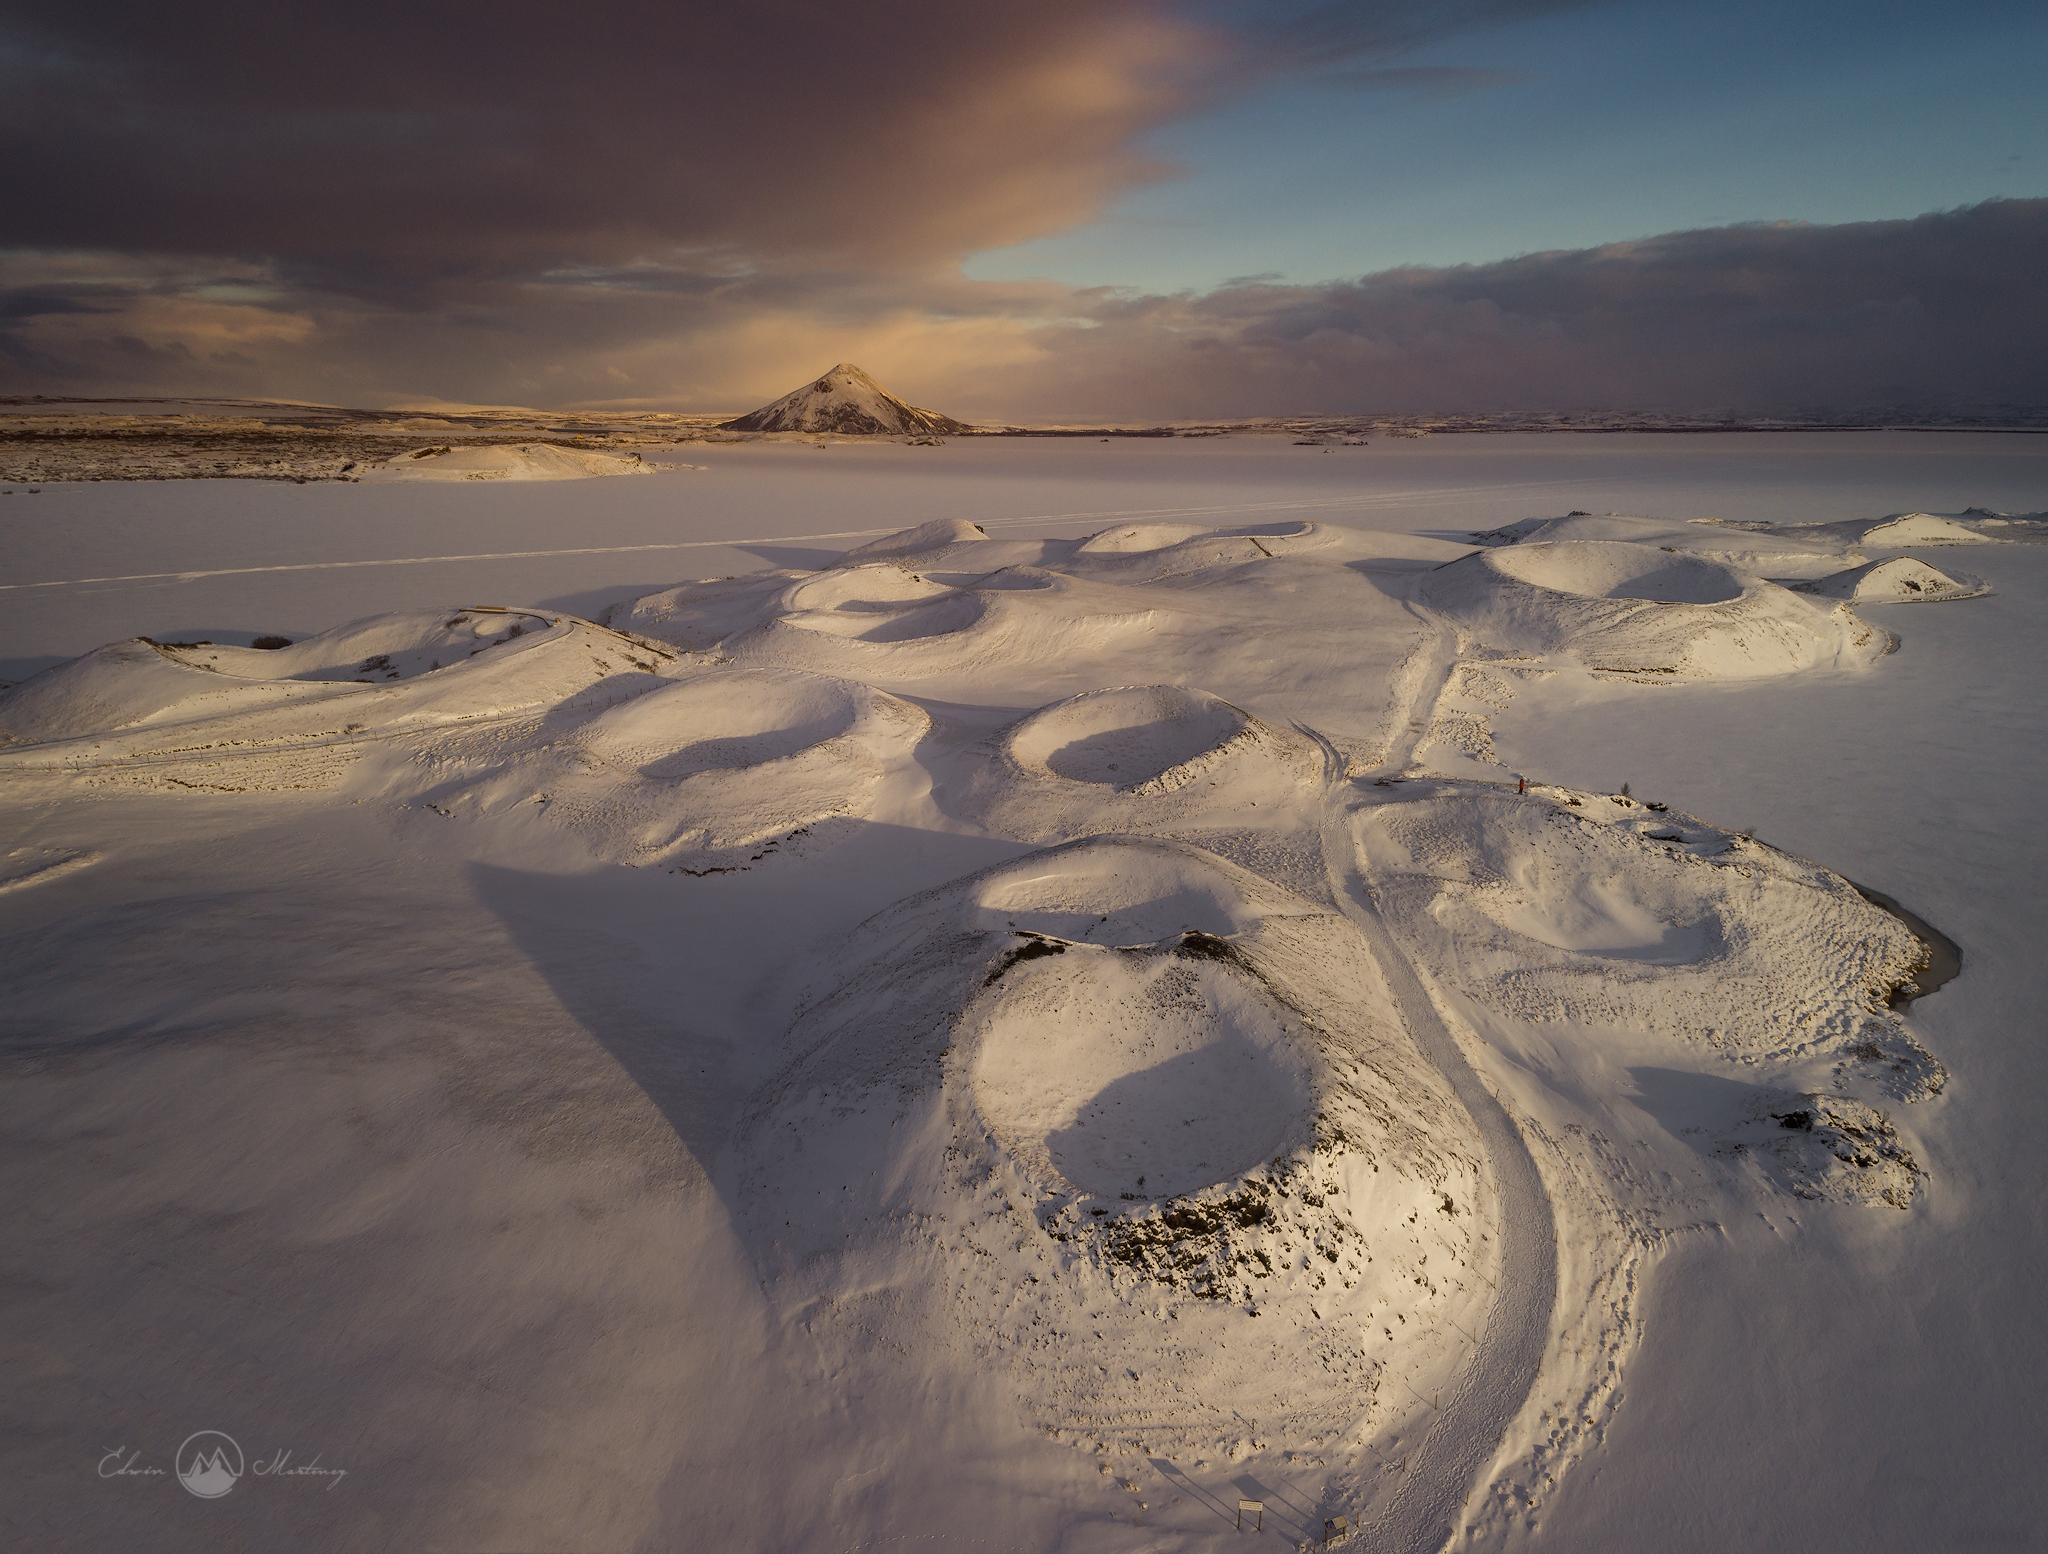 น้ำตกโกดาฟอสส์มีลักษณะเหมือนสัตว์ประหลาดแช่แข็งในช่วงฤดูหนาว.